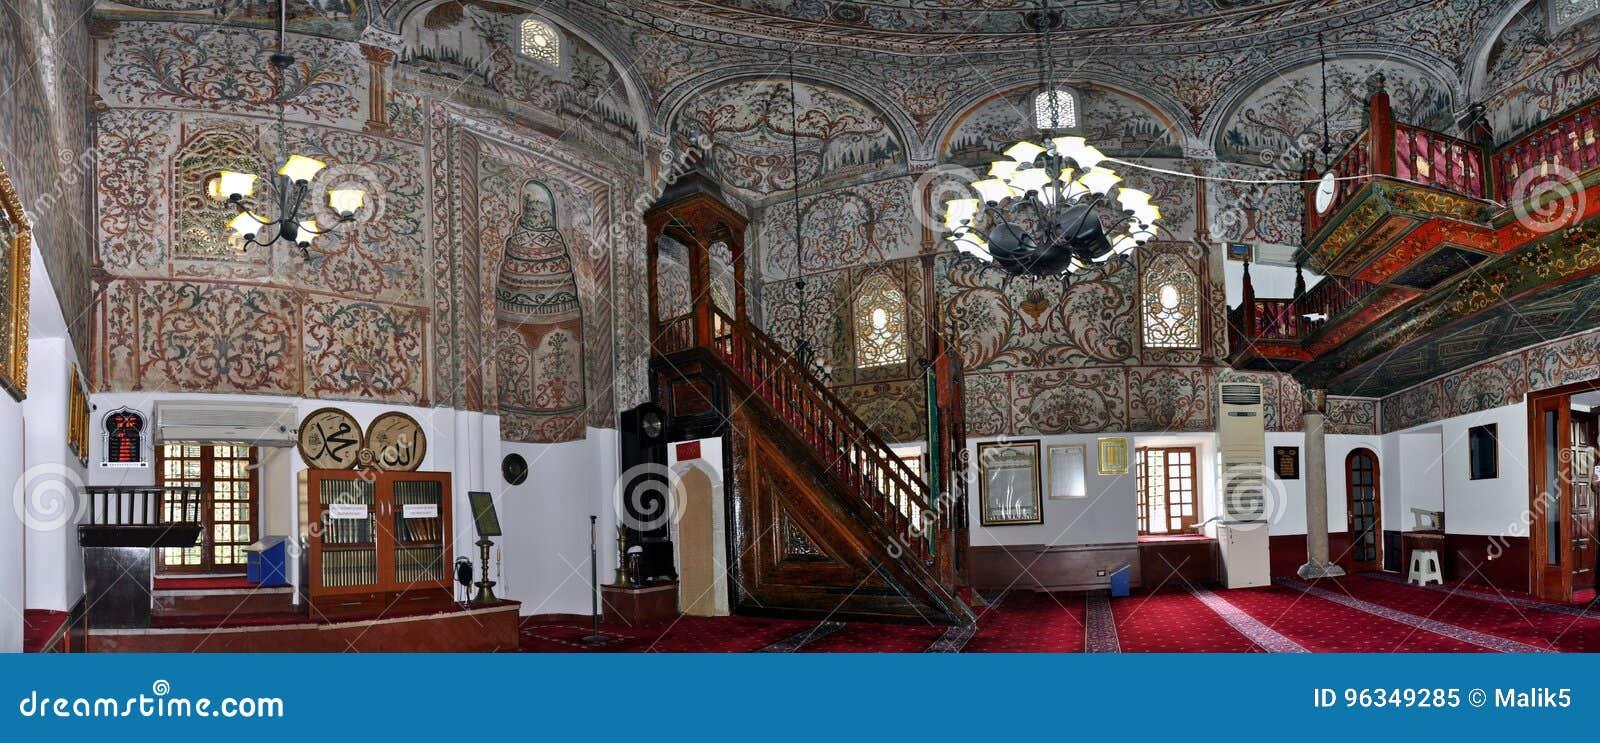 全景, Ethem土侯清真寺,地拉纳里面圆顶